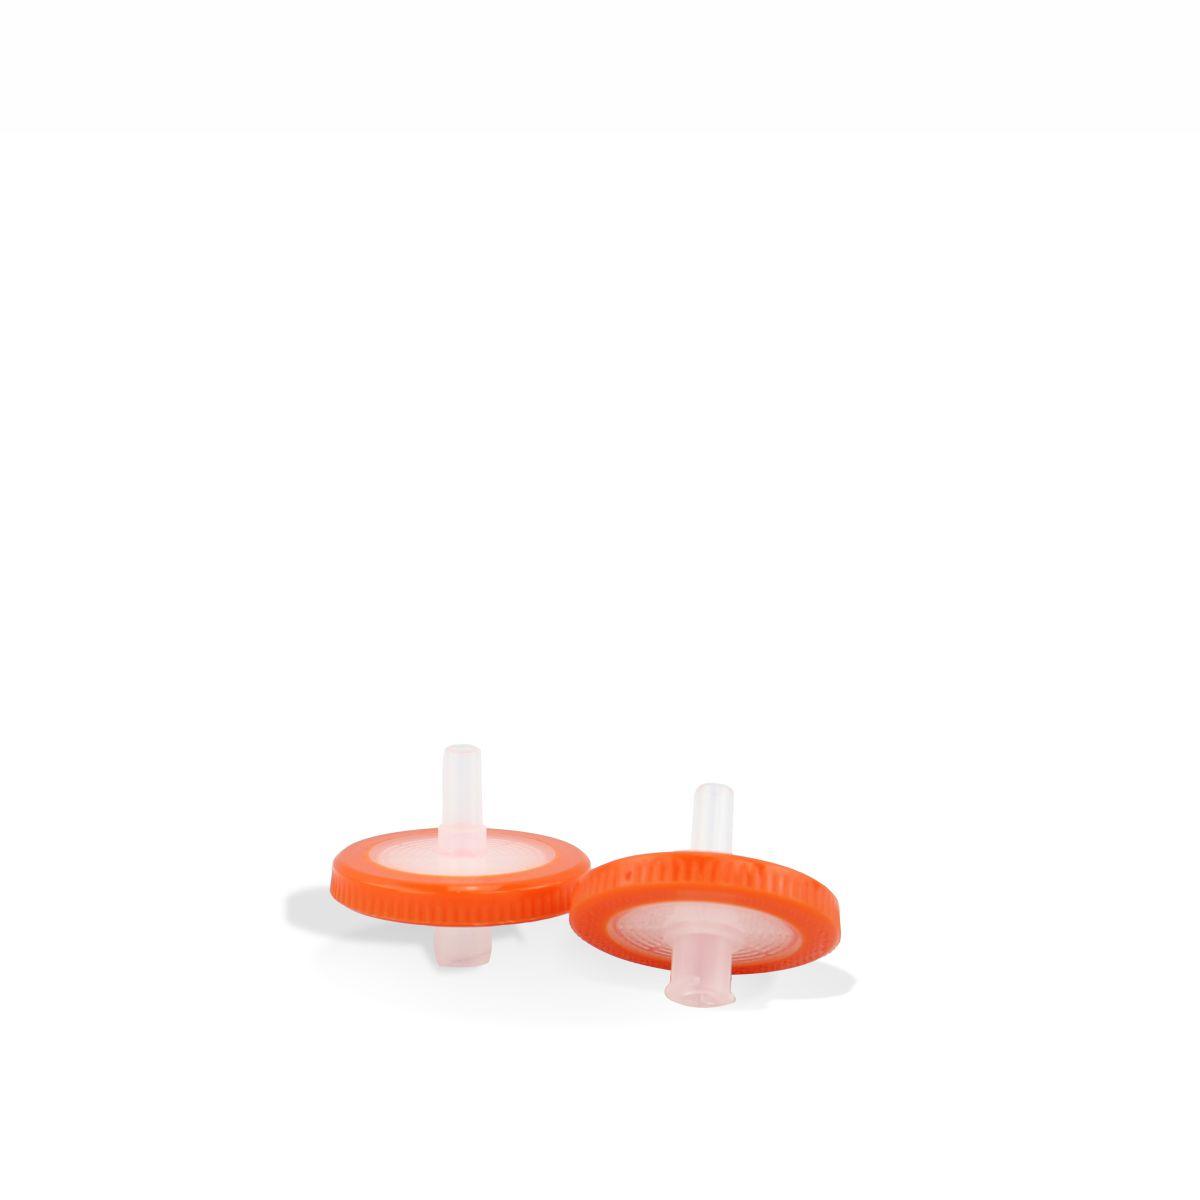 Filtro para Seringa com Membrana em PTFE Hidrofílico Poro 0,45 µm e Diâmetro 25 mm (100 unidades)